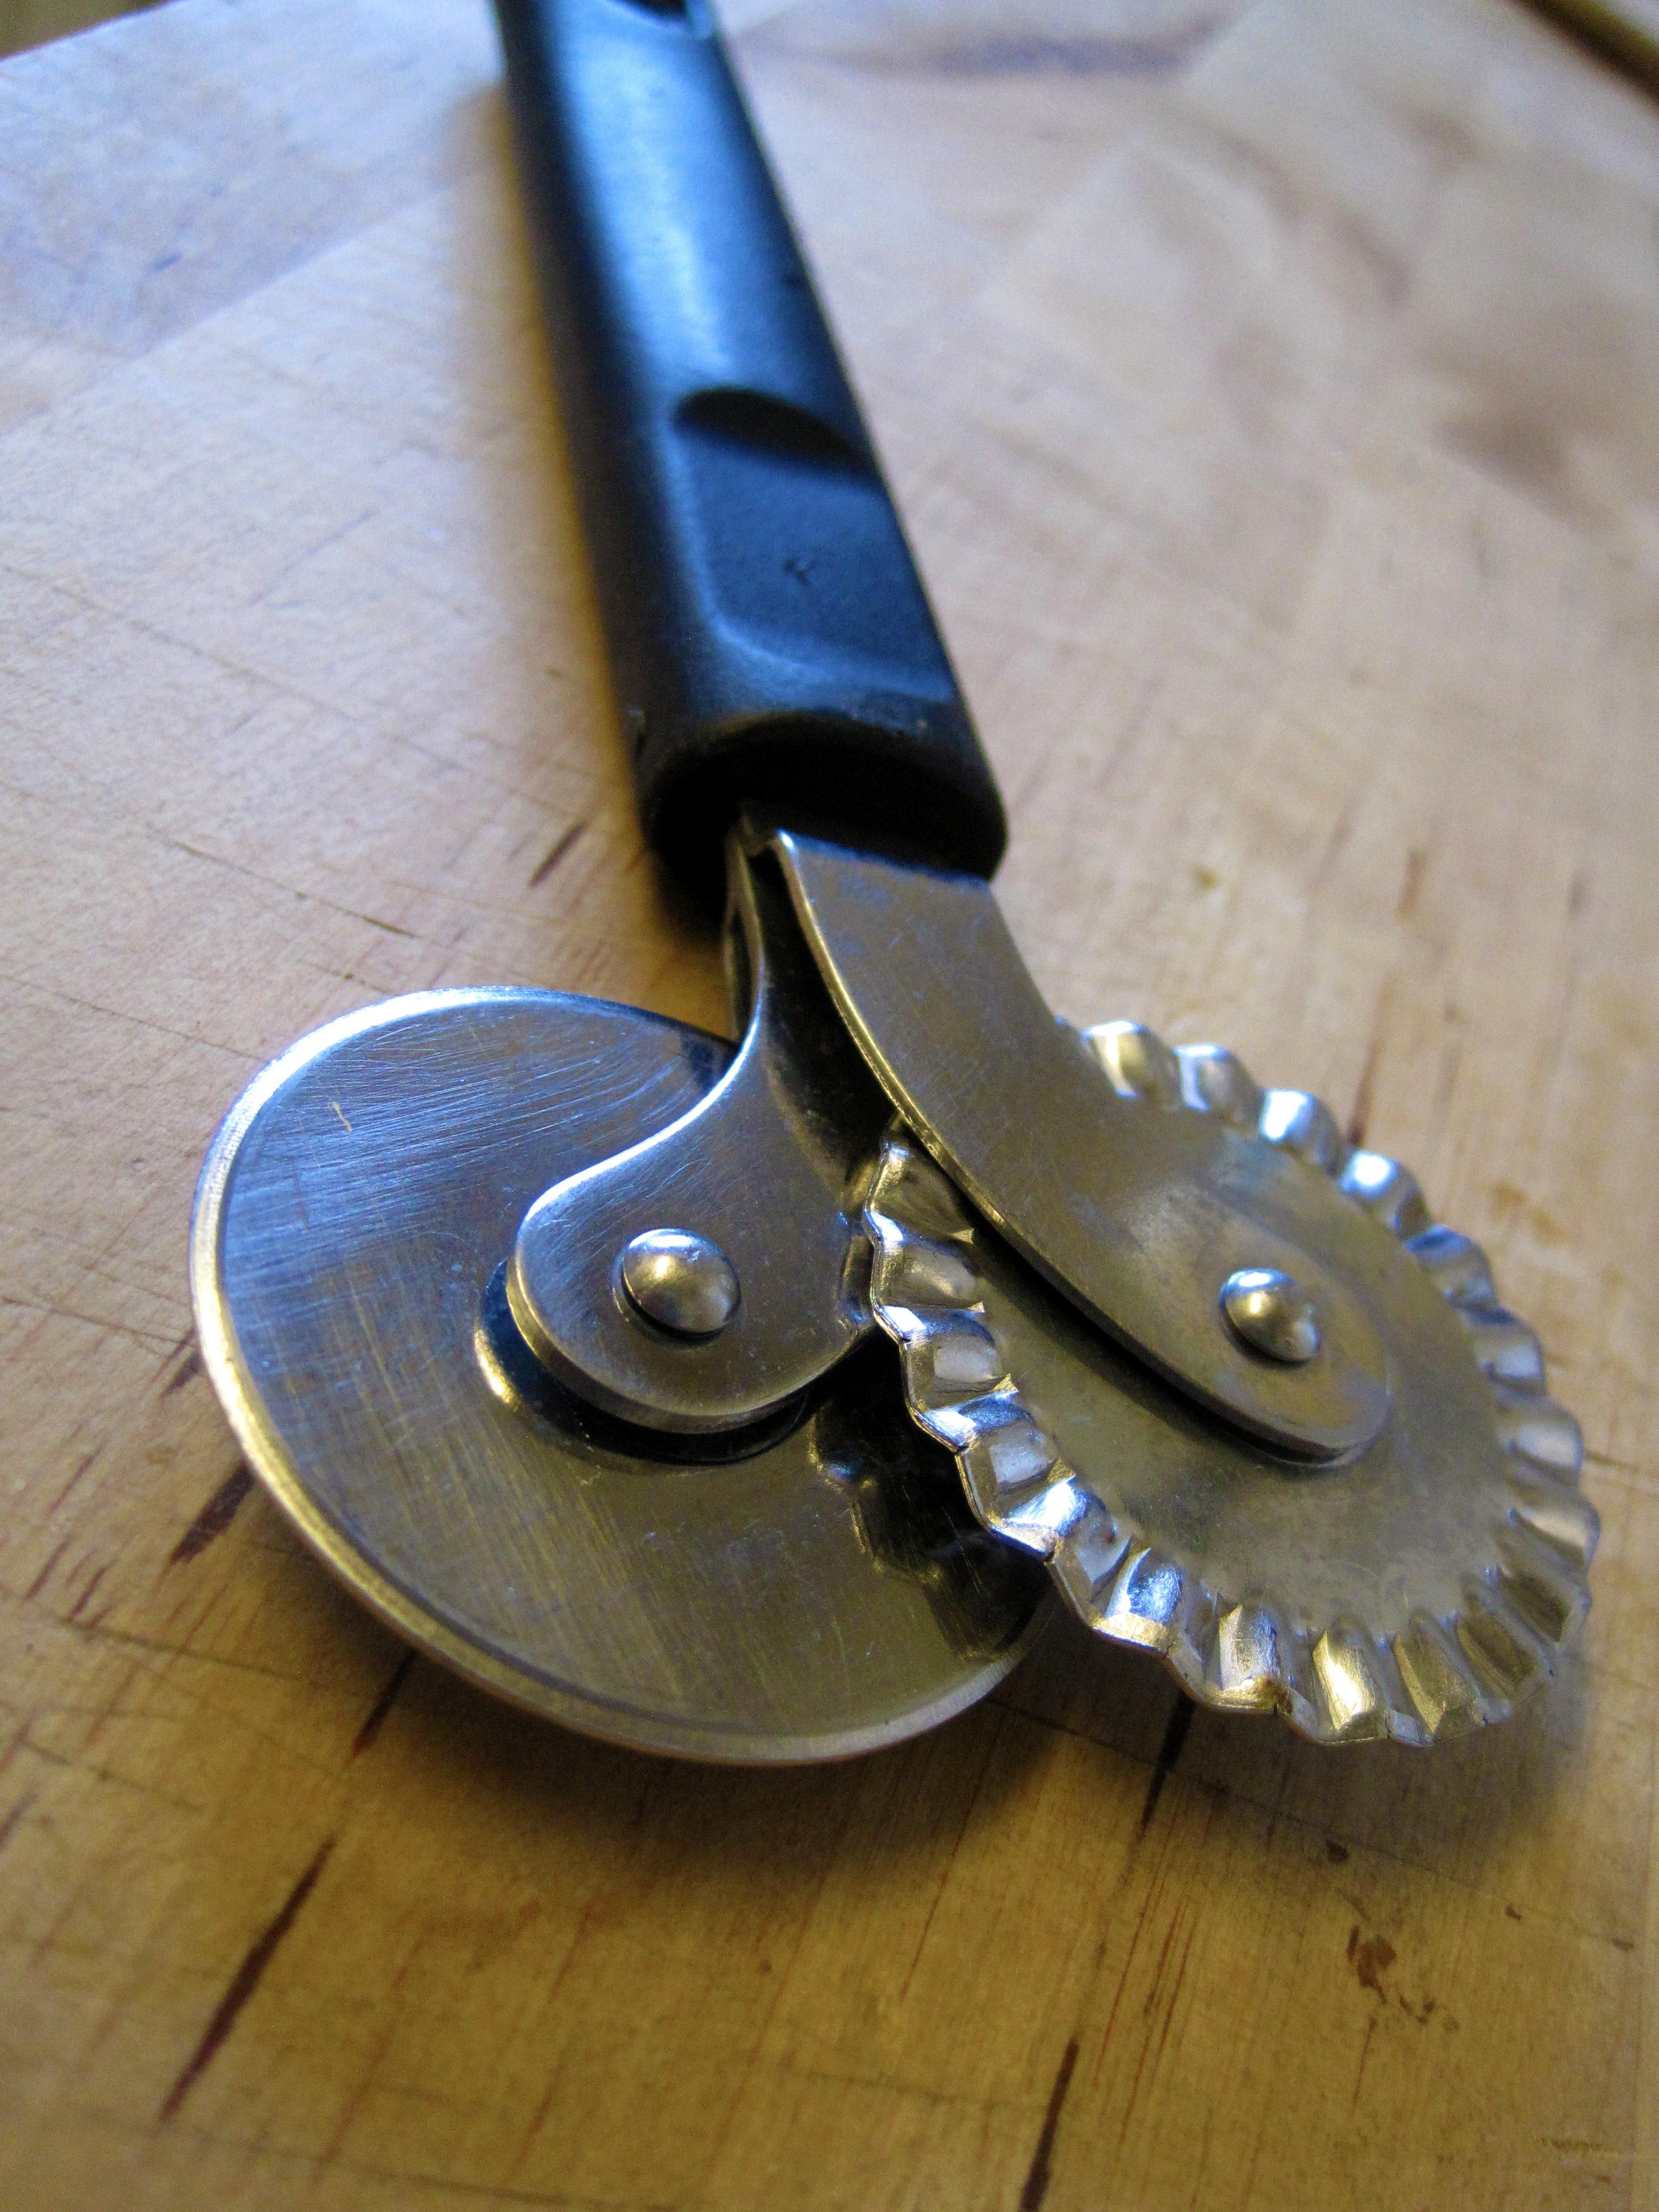 Gambar Memasak Logam Pemotongan Perabot Peralatan Dapur